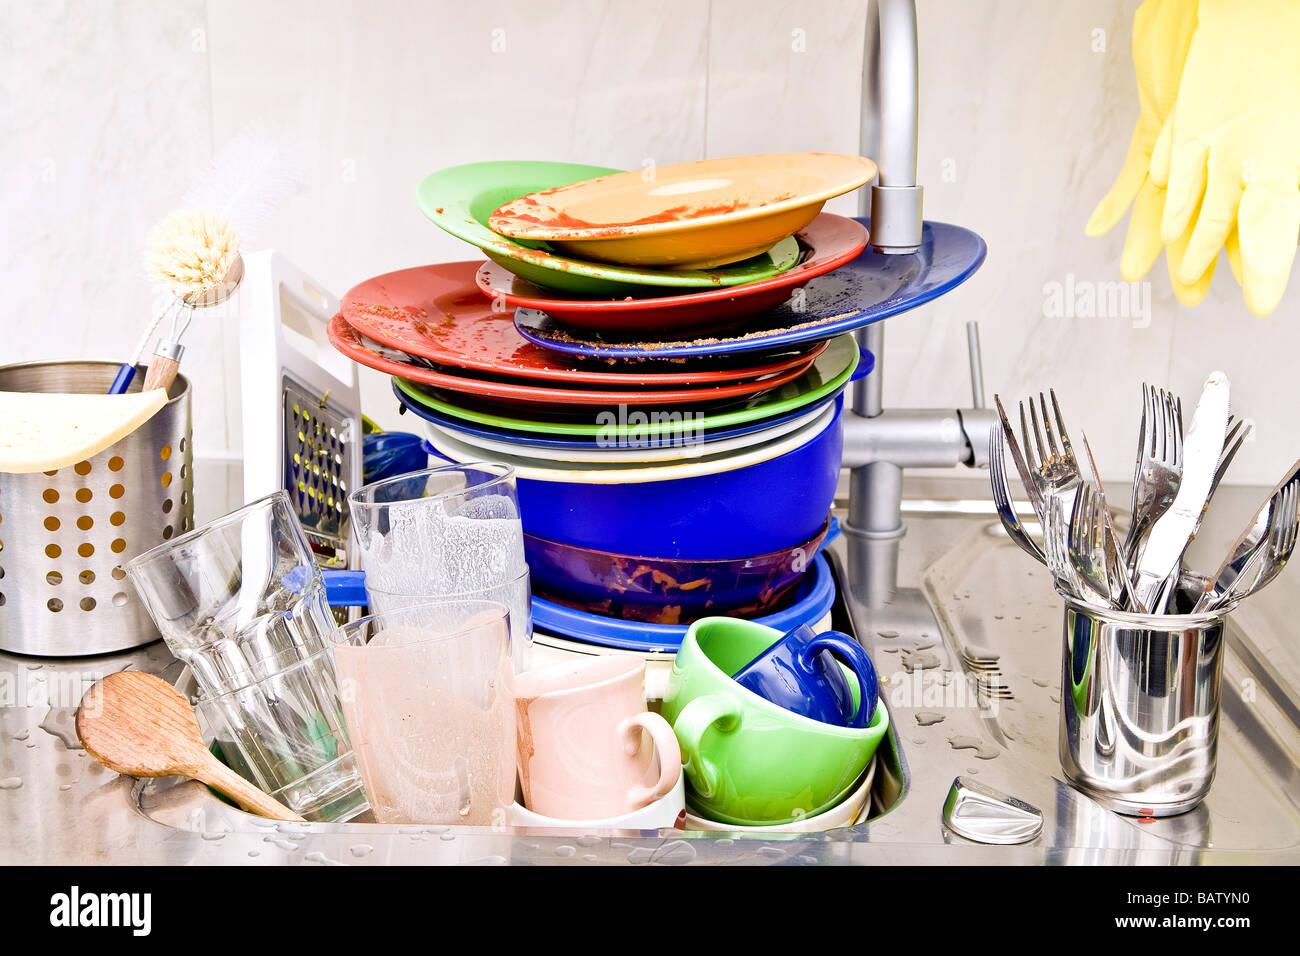 Di detersivo nel lavello da cucina Immagini Stock